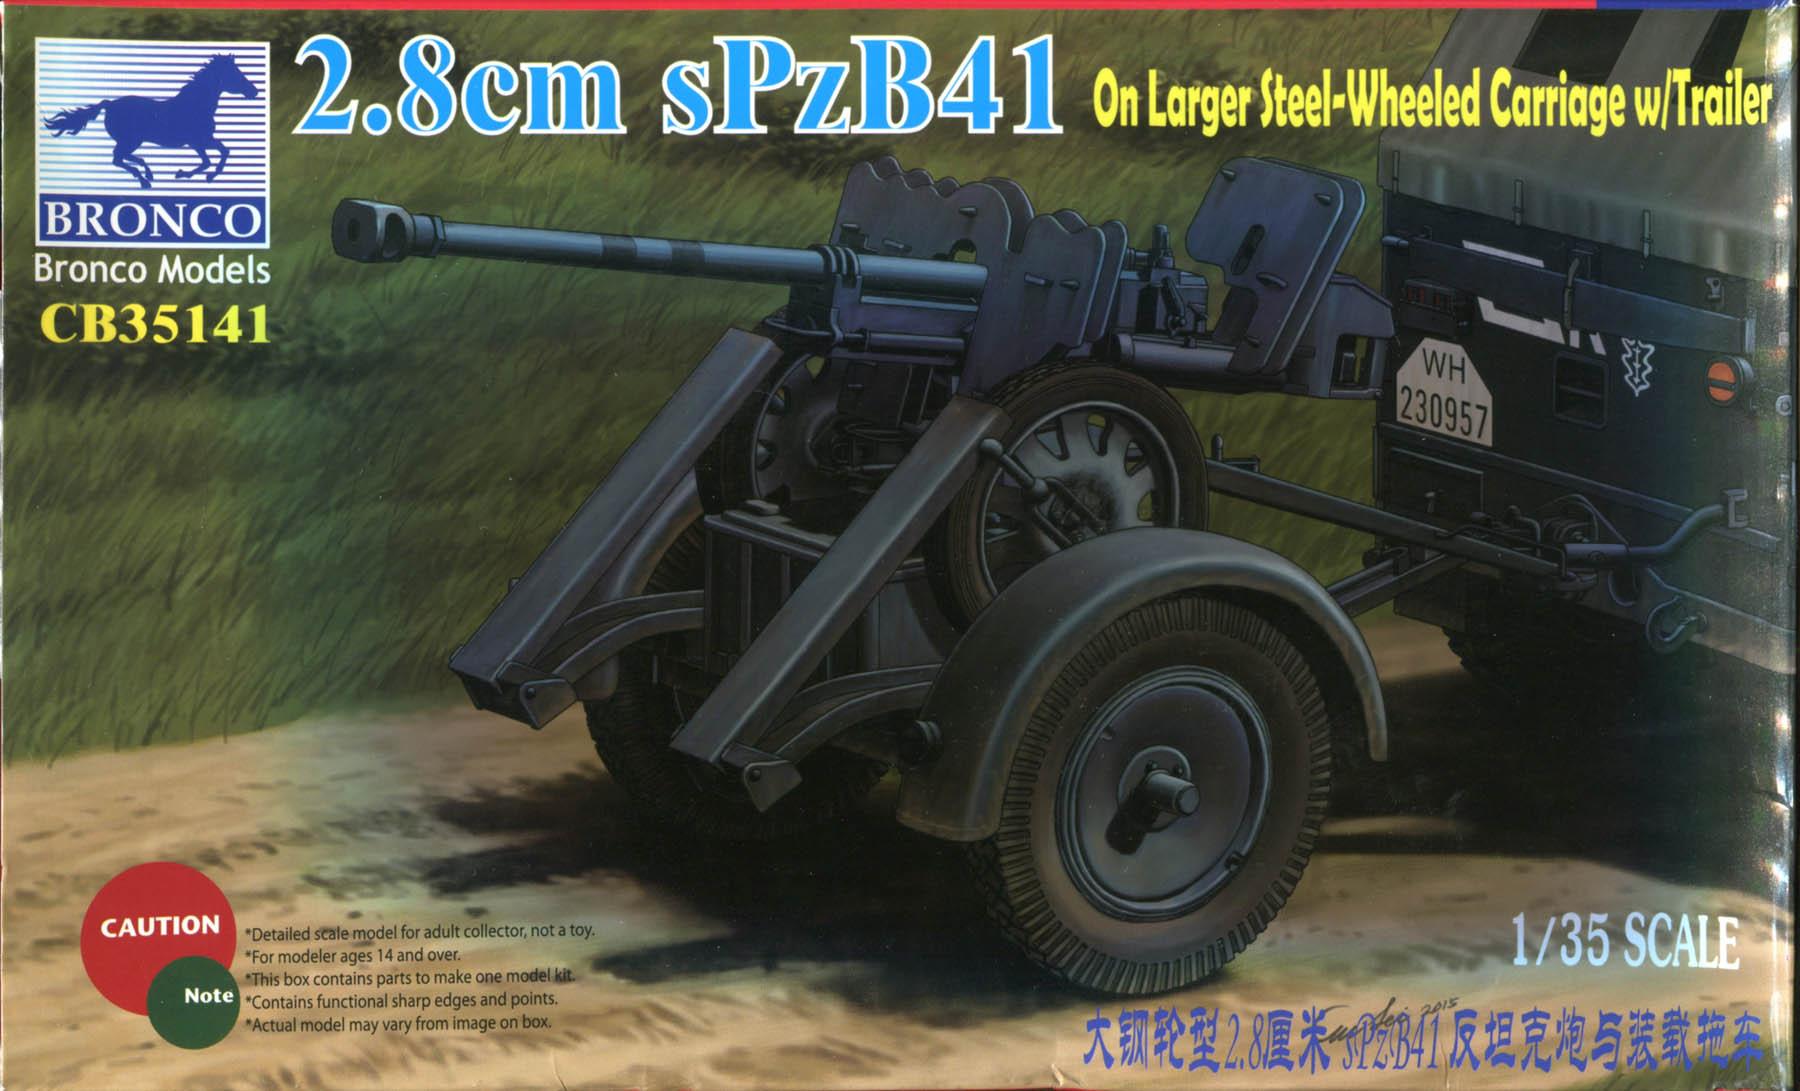 CB35141 CVR218.jpg